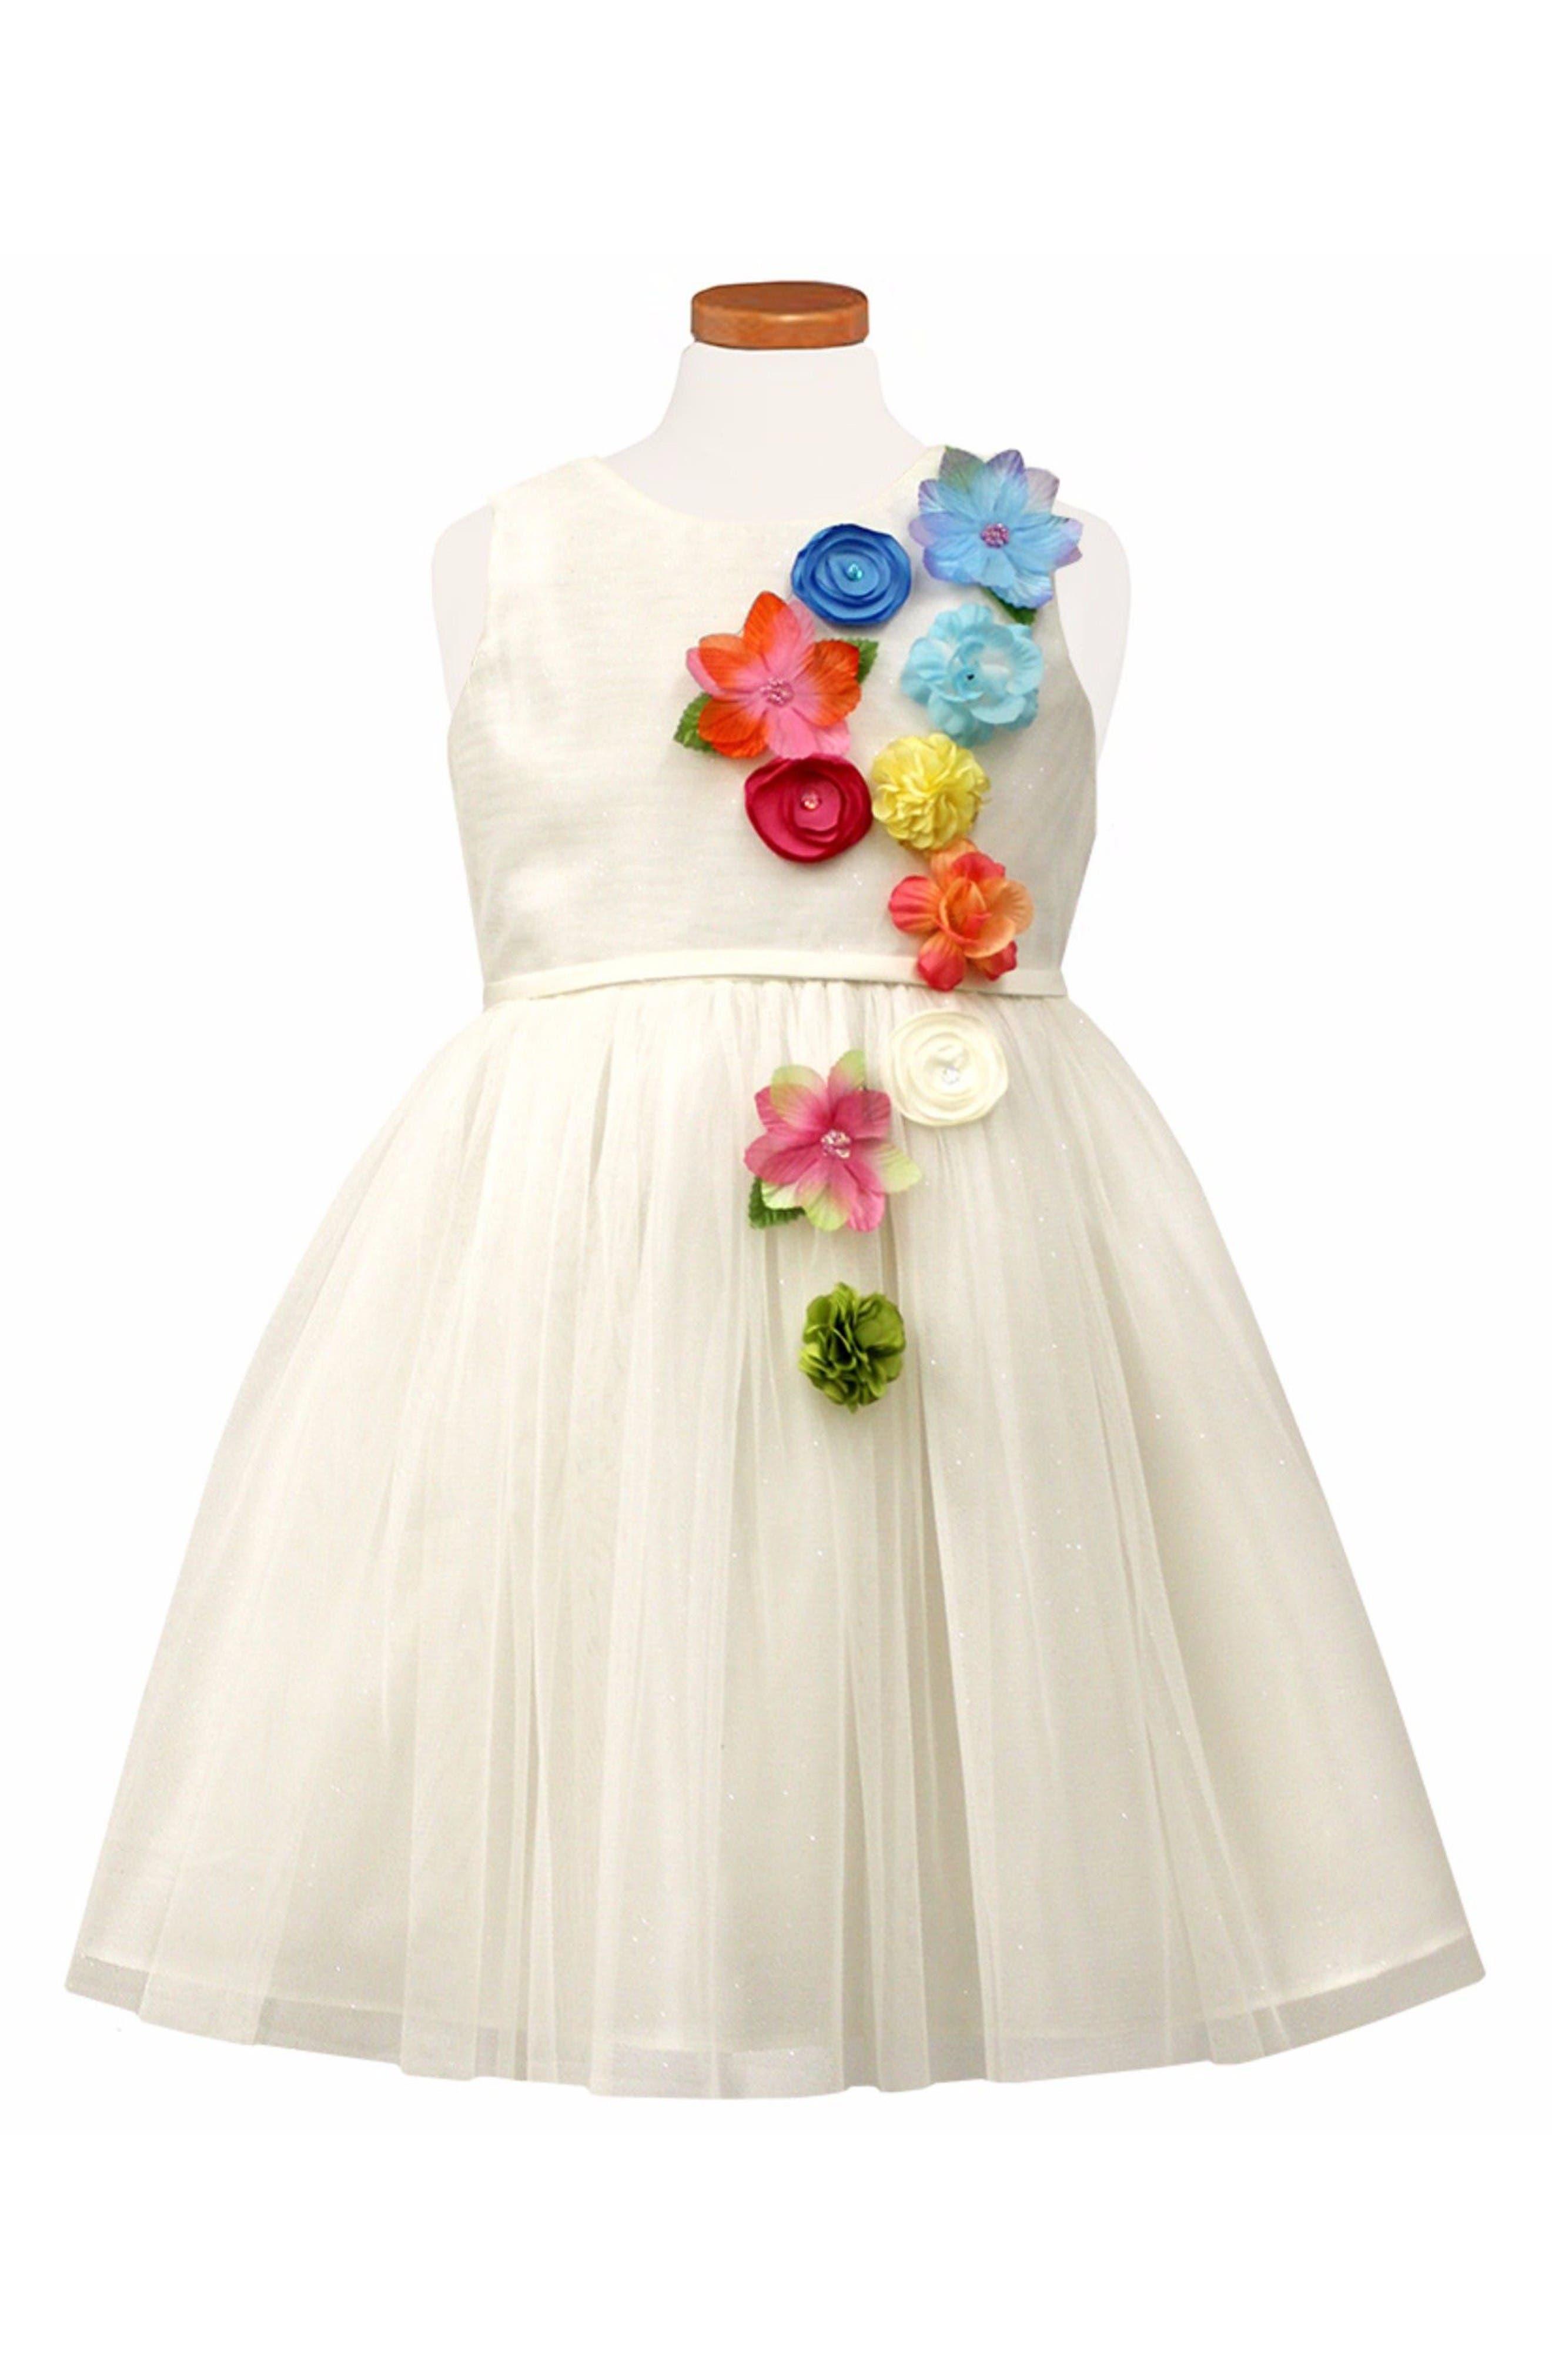 Alternate Image 1 Selected - Sorbet Flower Appliqué Tulle Party Dress (Toddler Girls & Little Girls)